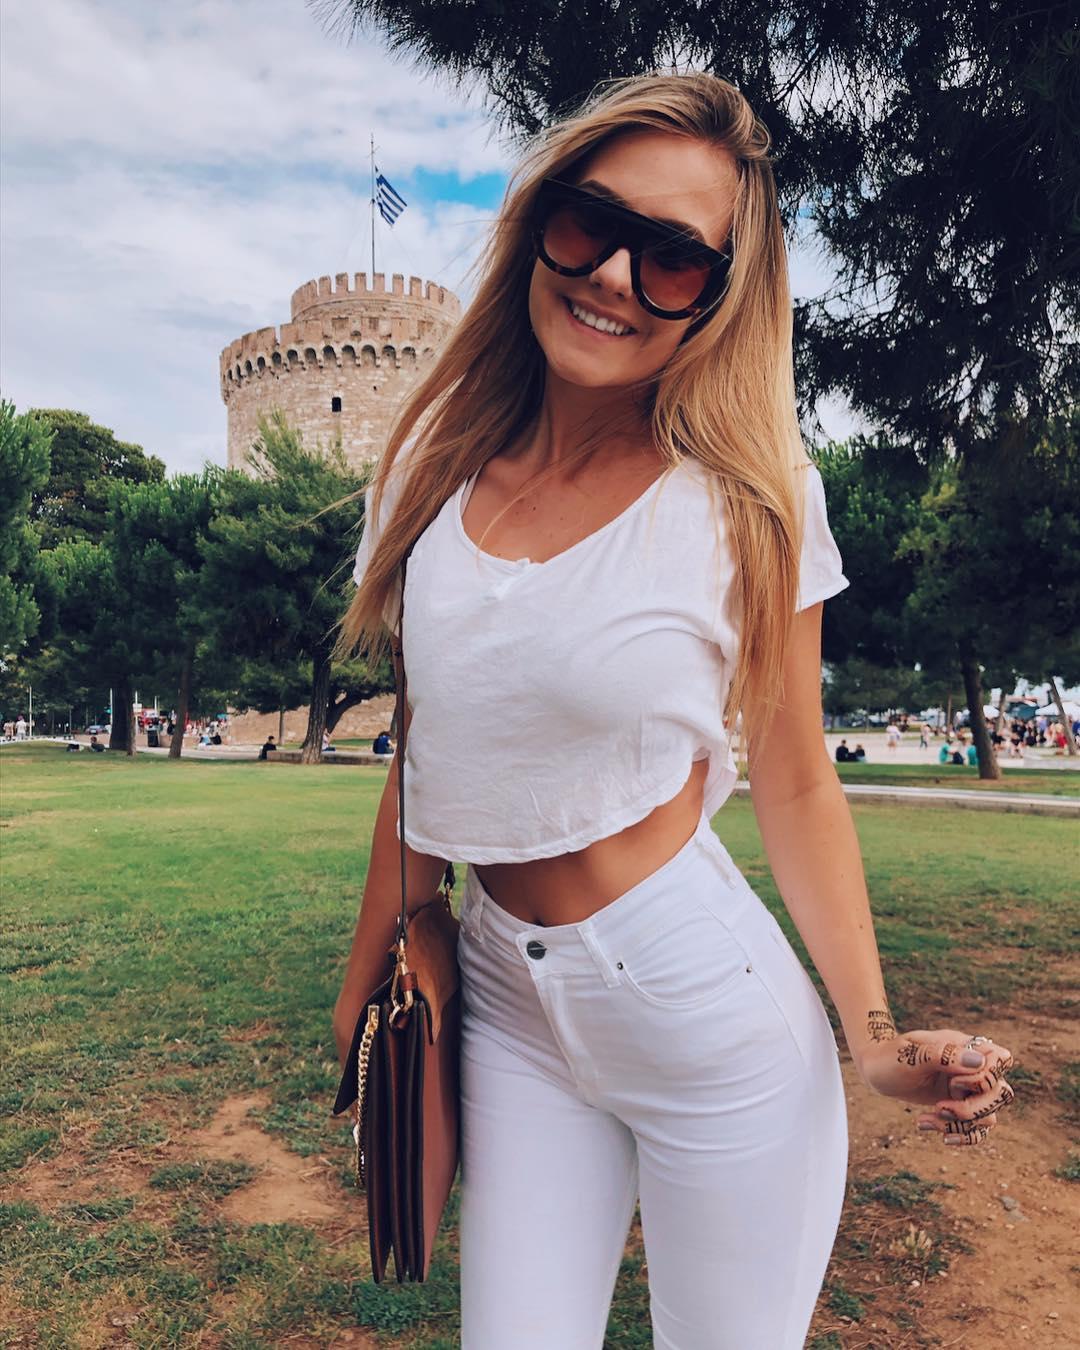 Lauren-Angelov-Wallpapers-Insta-Fit-Bio-2